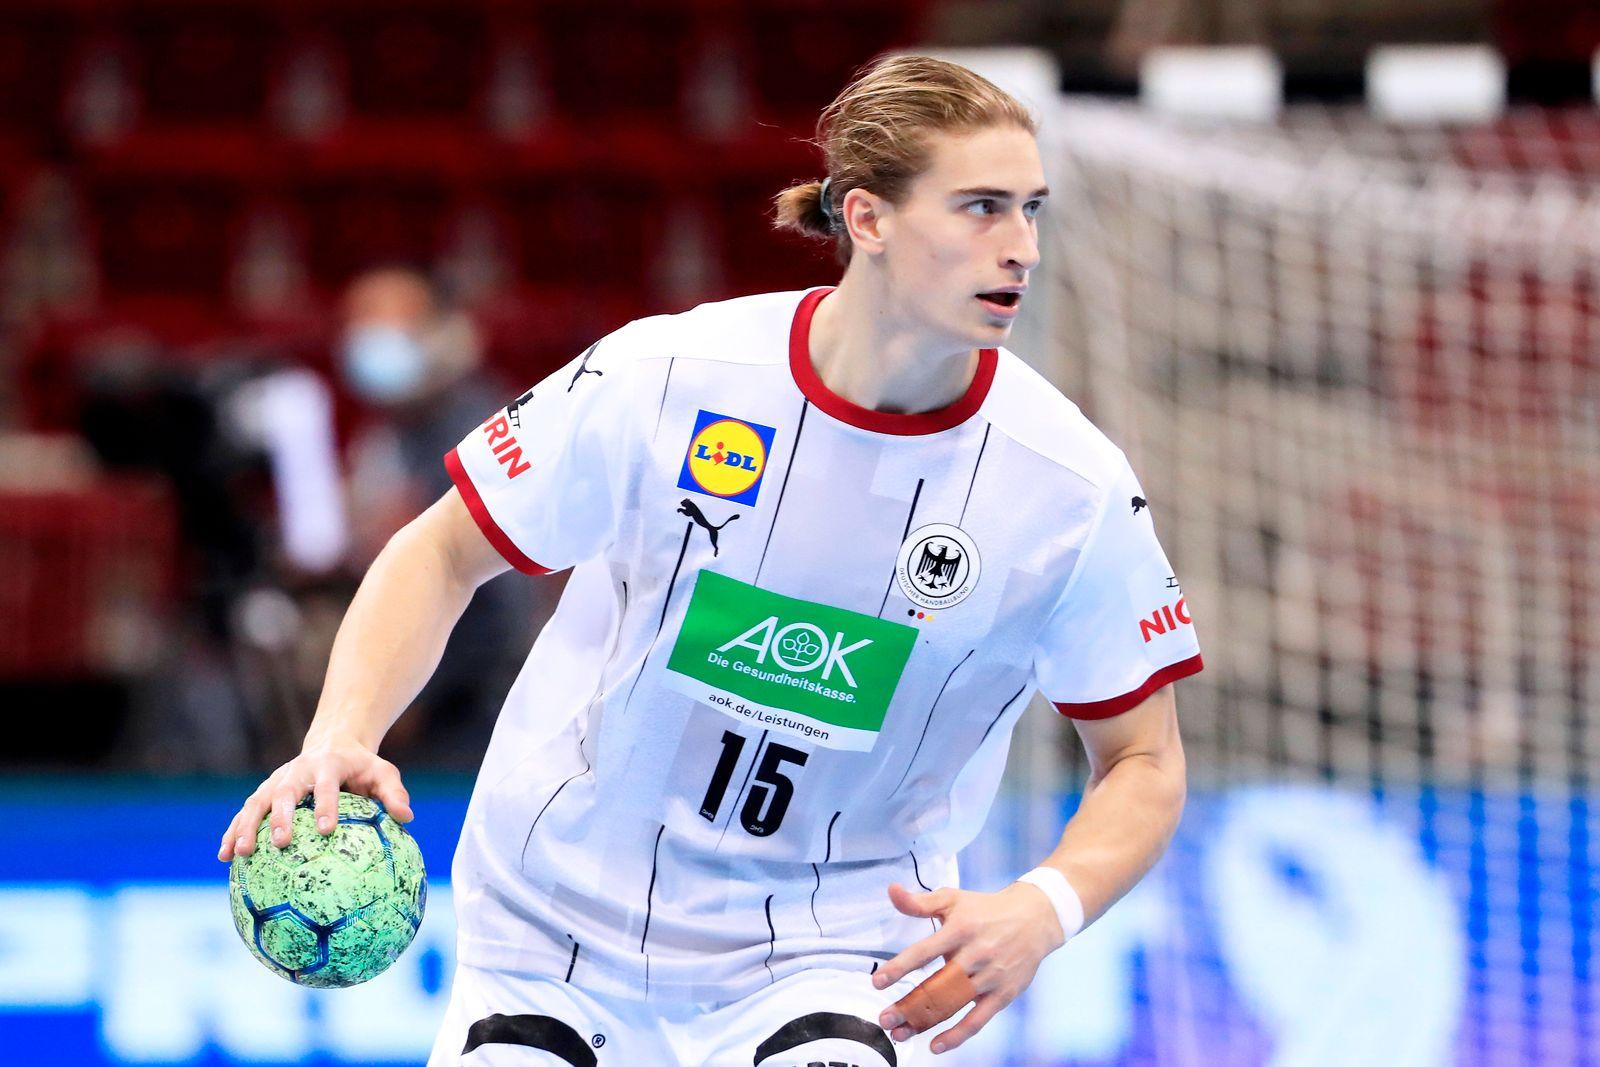 KNORR Juri Team Deutschland EHF Handball EM Qualifikation Spiel Deutschland - Bosnien Herzegovina am 05.November 2020 in